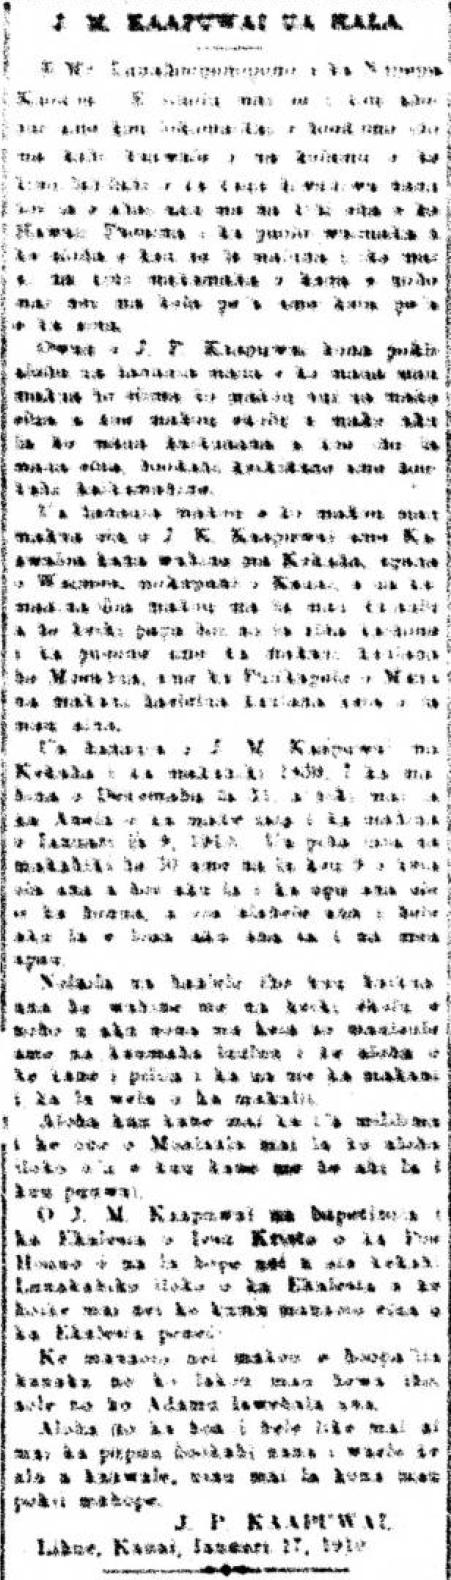 Kuokoa_1_28_1910_7.png